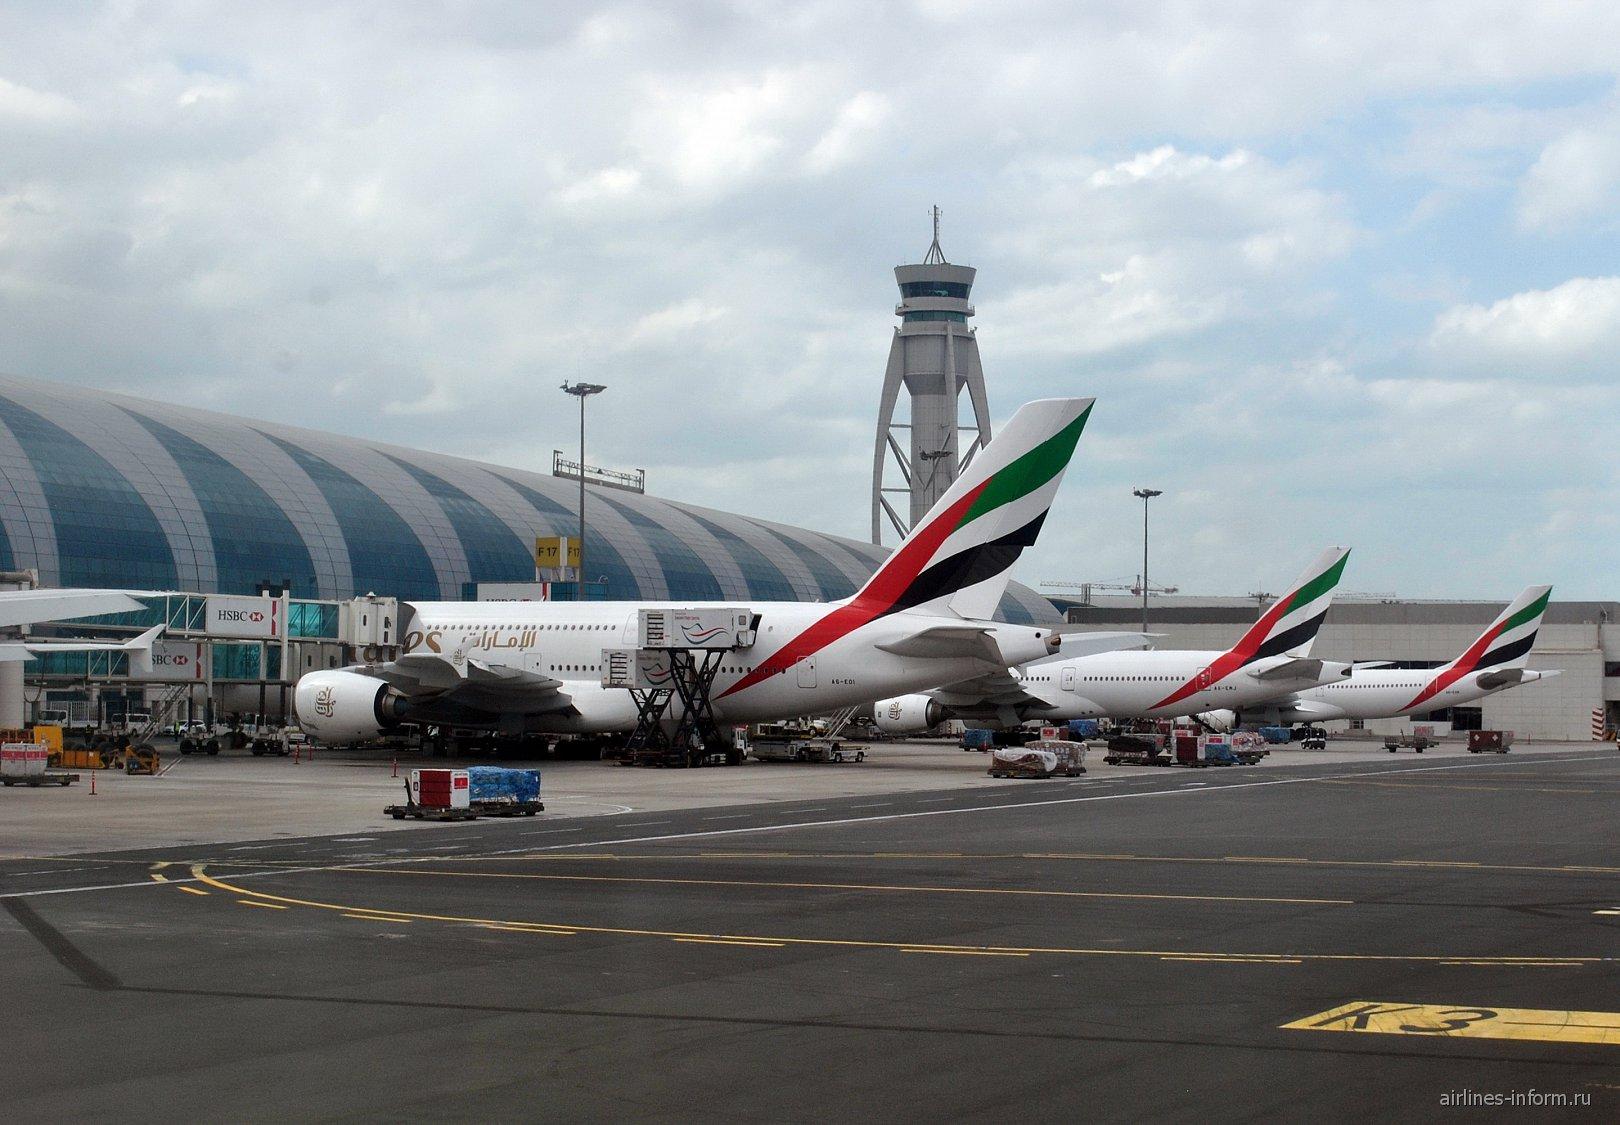 Самолеты Emirates у терминала в аэропорту Дубай